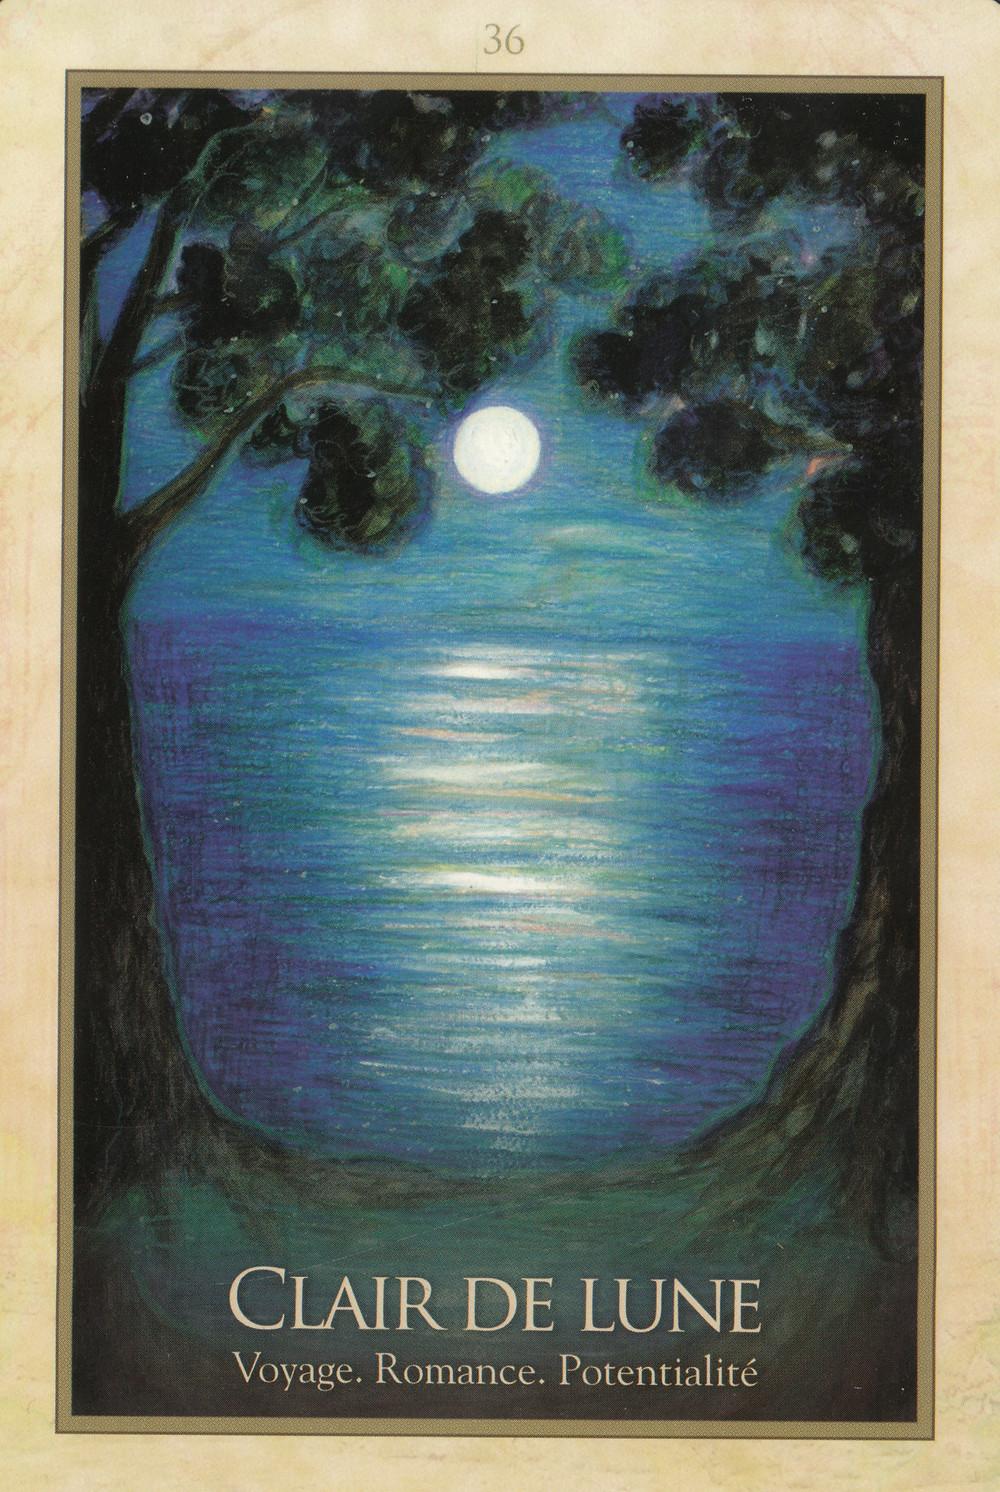 Carte tirée de L'Oracle de Gaïa de Toni Carmine Salerno - Clair de Lune - Voyage. Romance. Potentialité